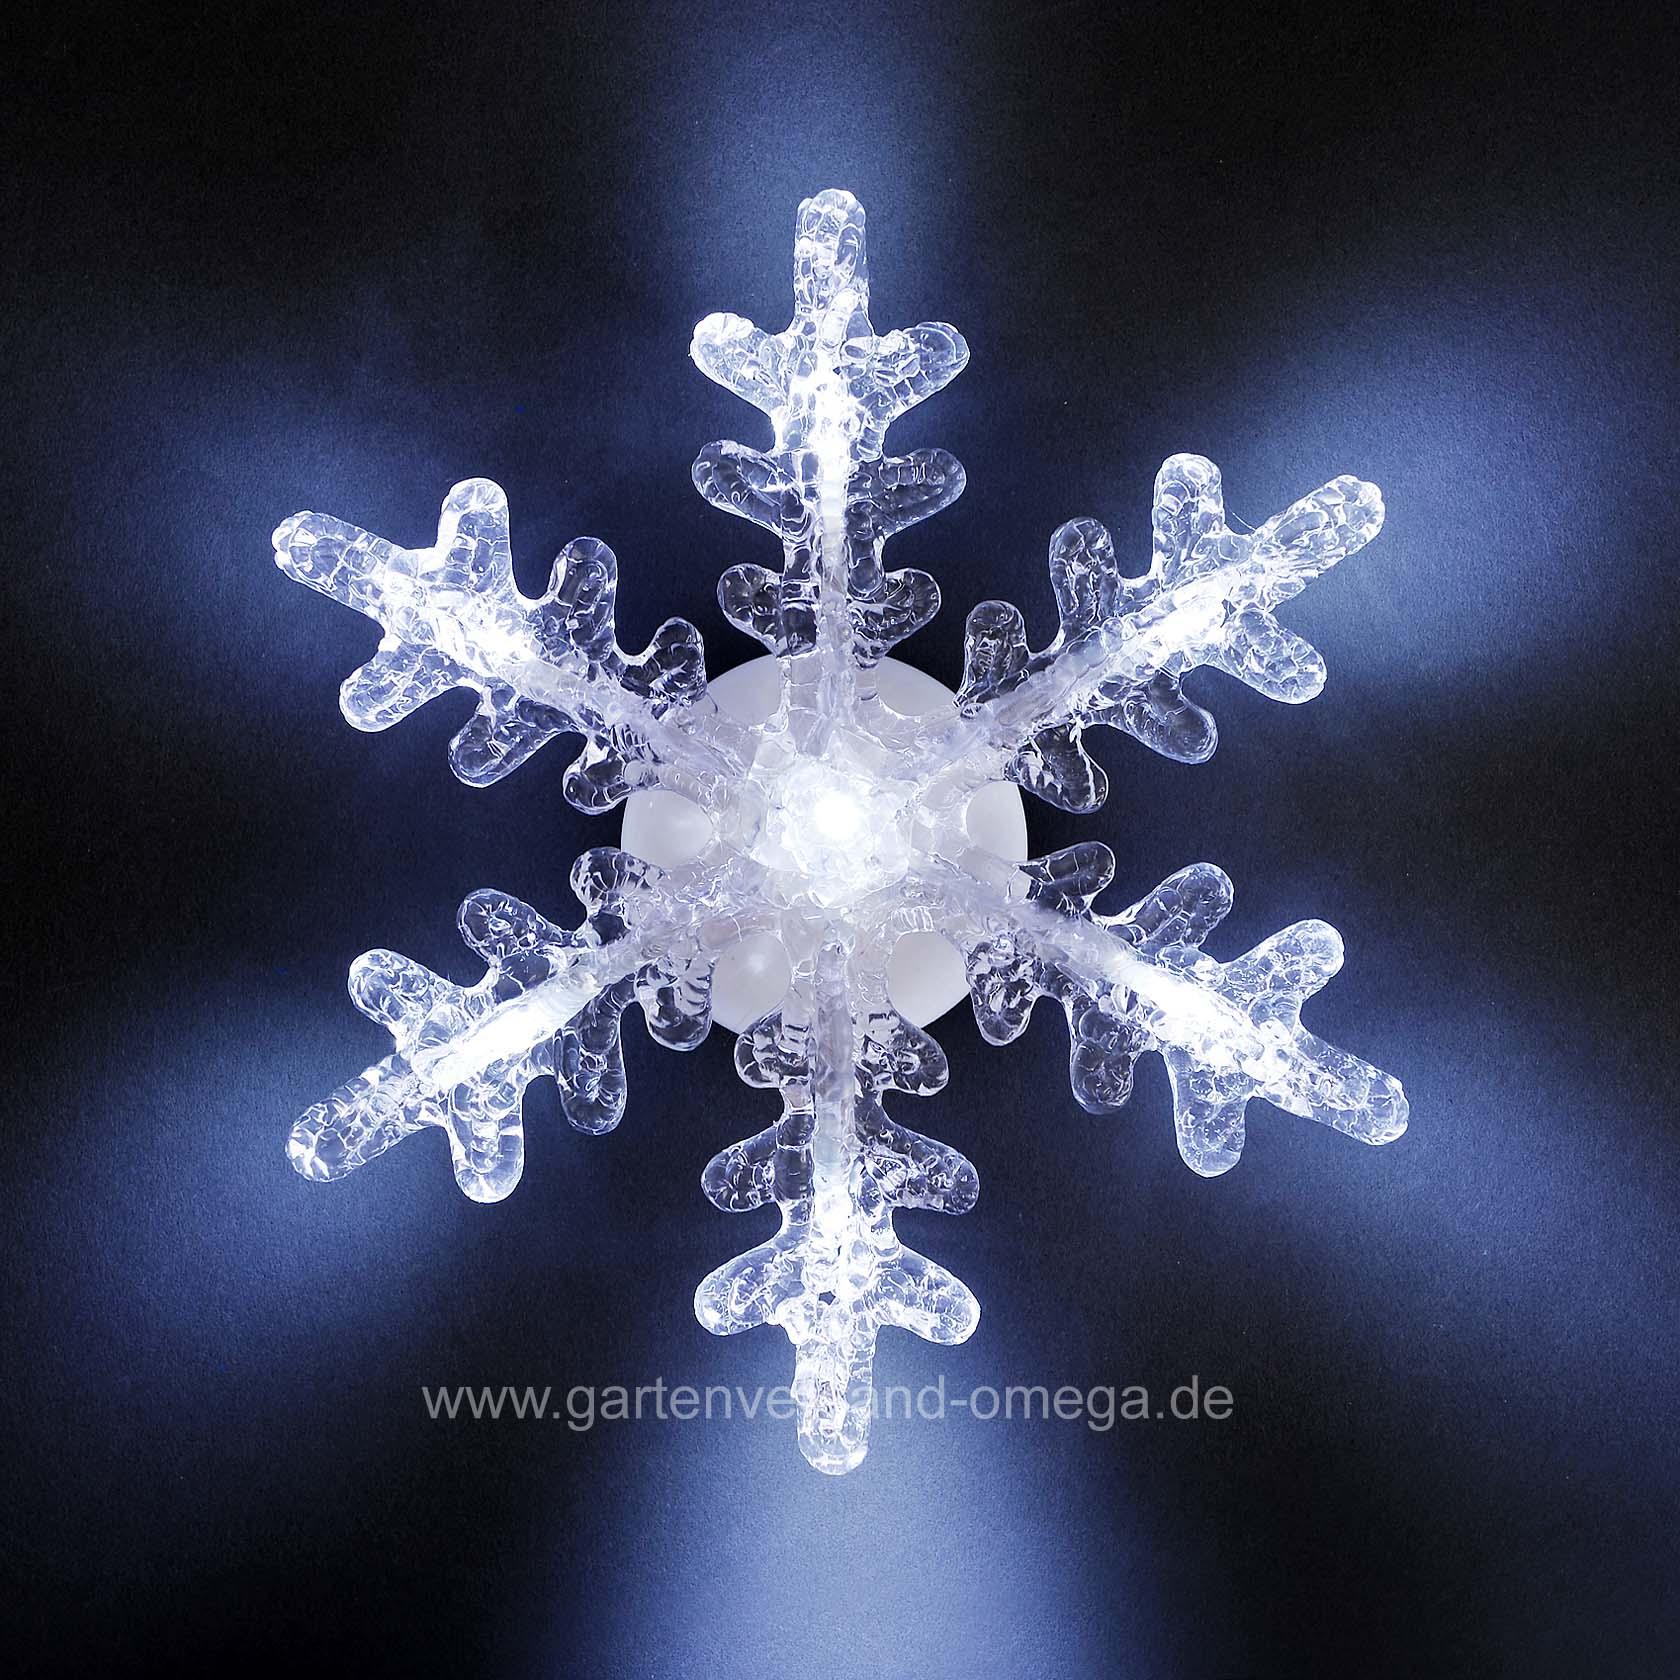 Led schneeflocke fensterdekoration mit saughalter batteriebetriebene weihnachtsbeleuchtung - Led weihnachtsbeleuchtung fenster innen ...